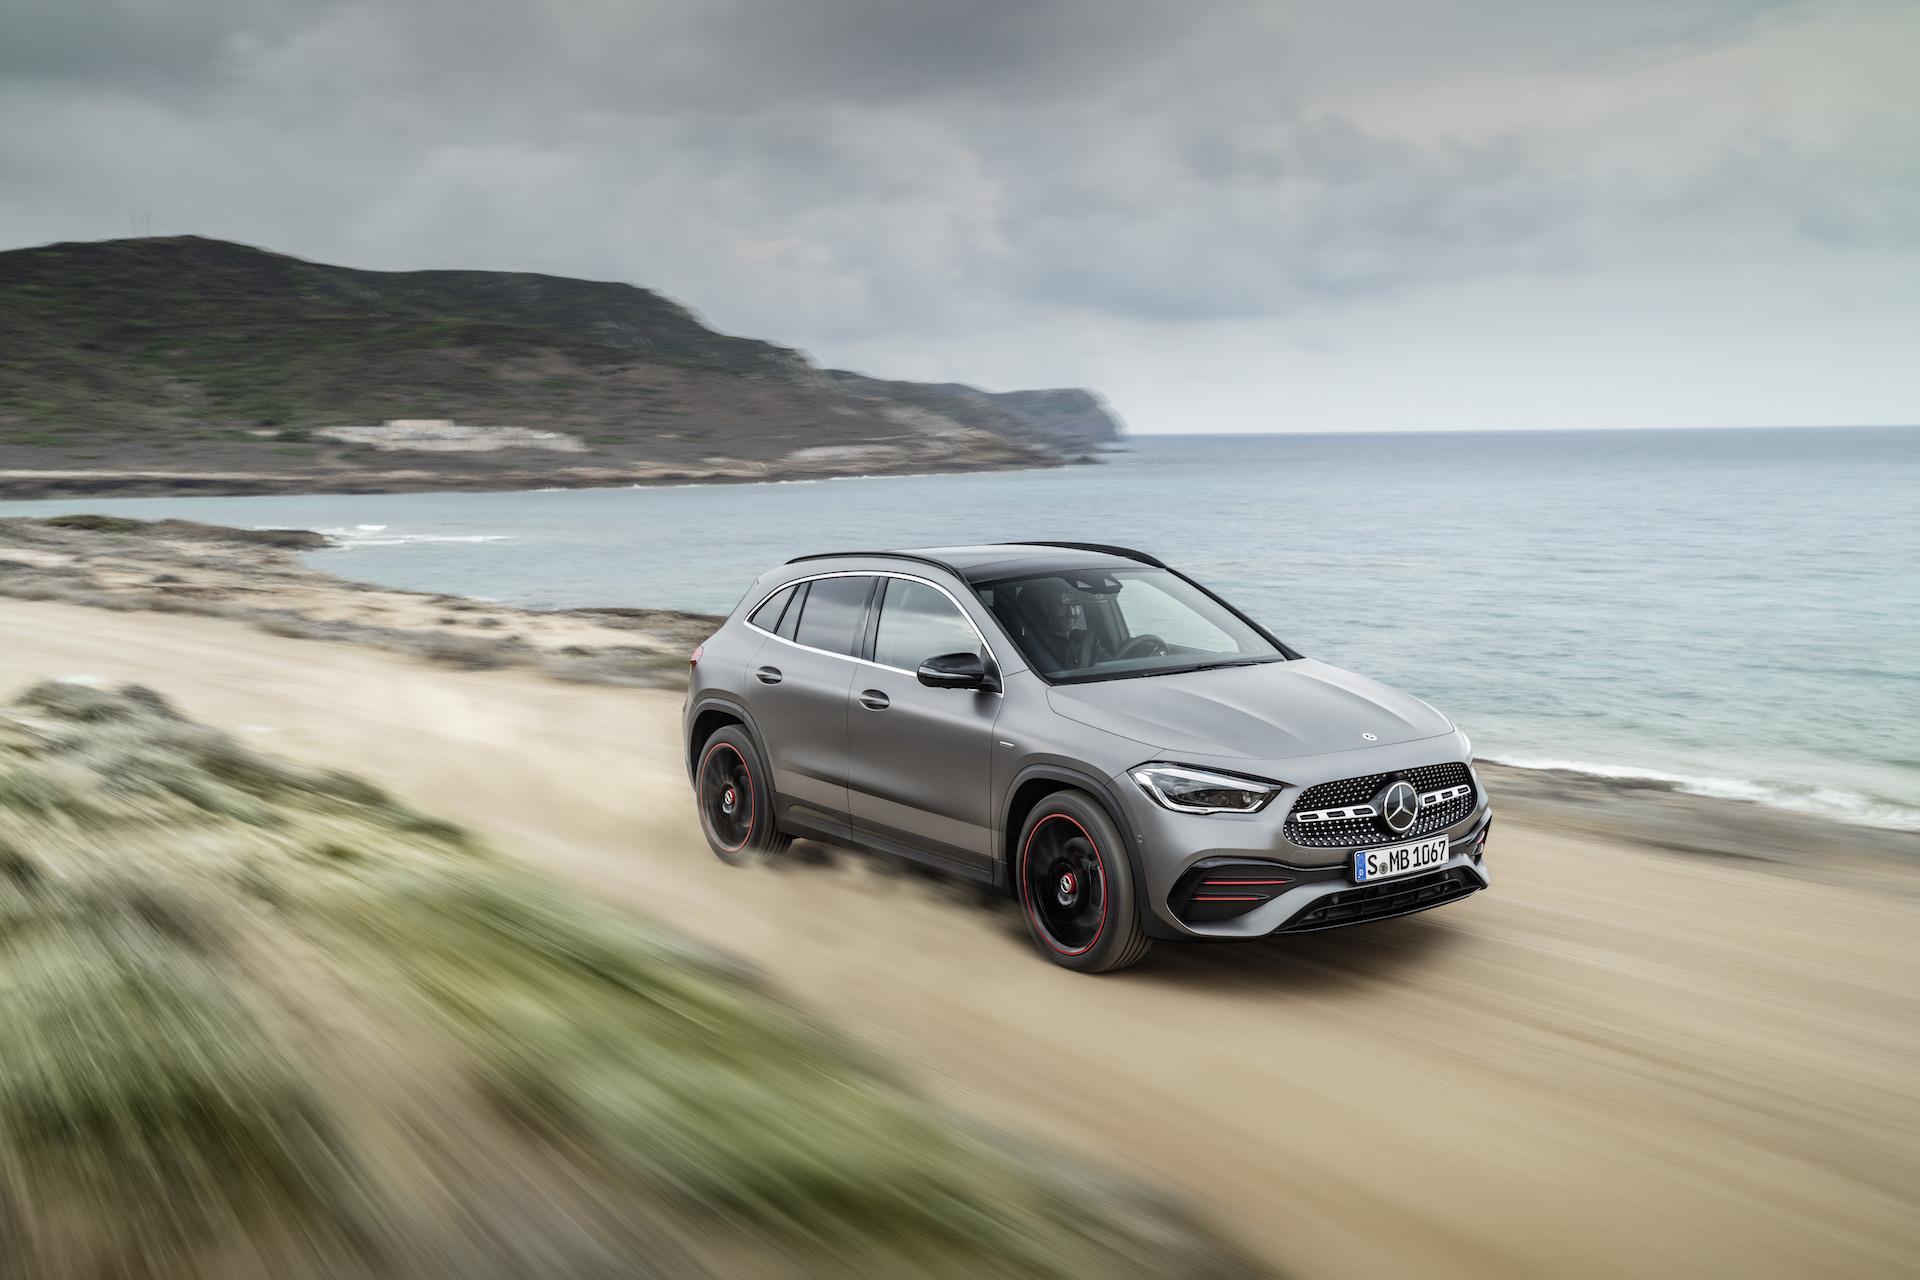 Auto Nuova Mercedes GLA 2020 offroad su spiaggia